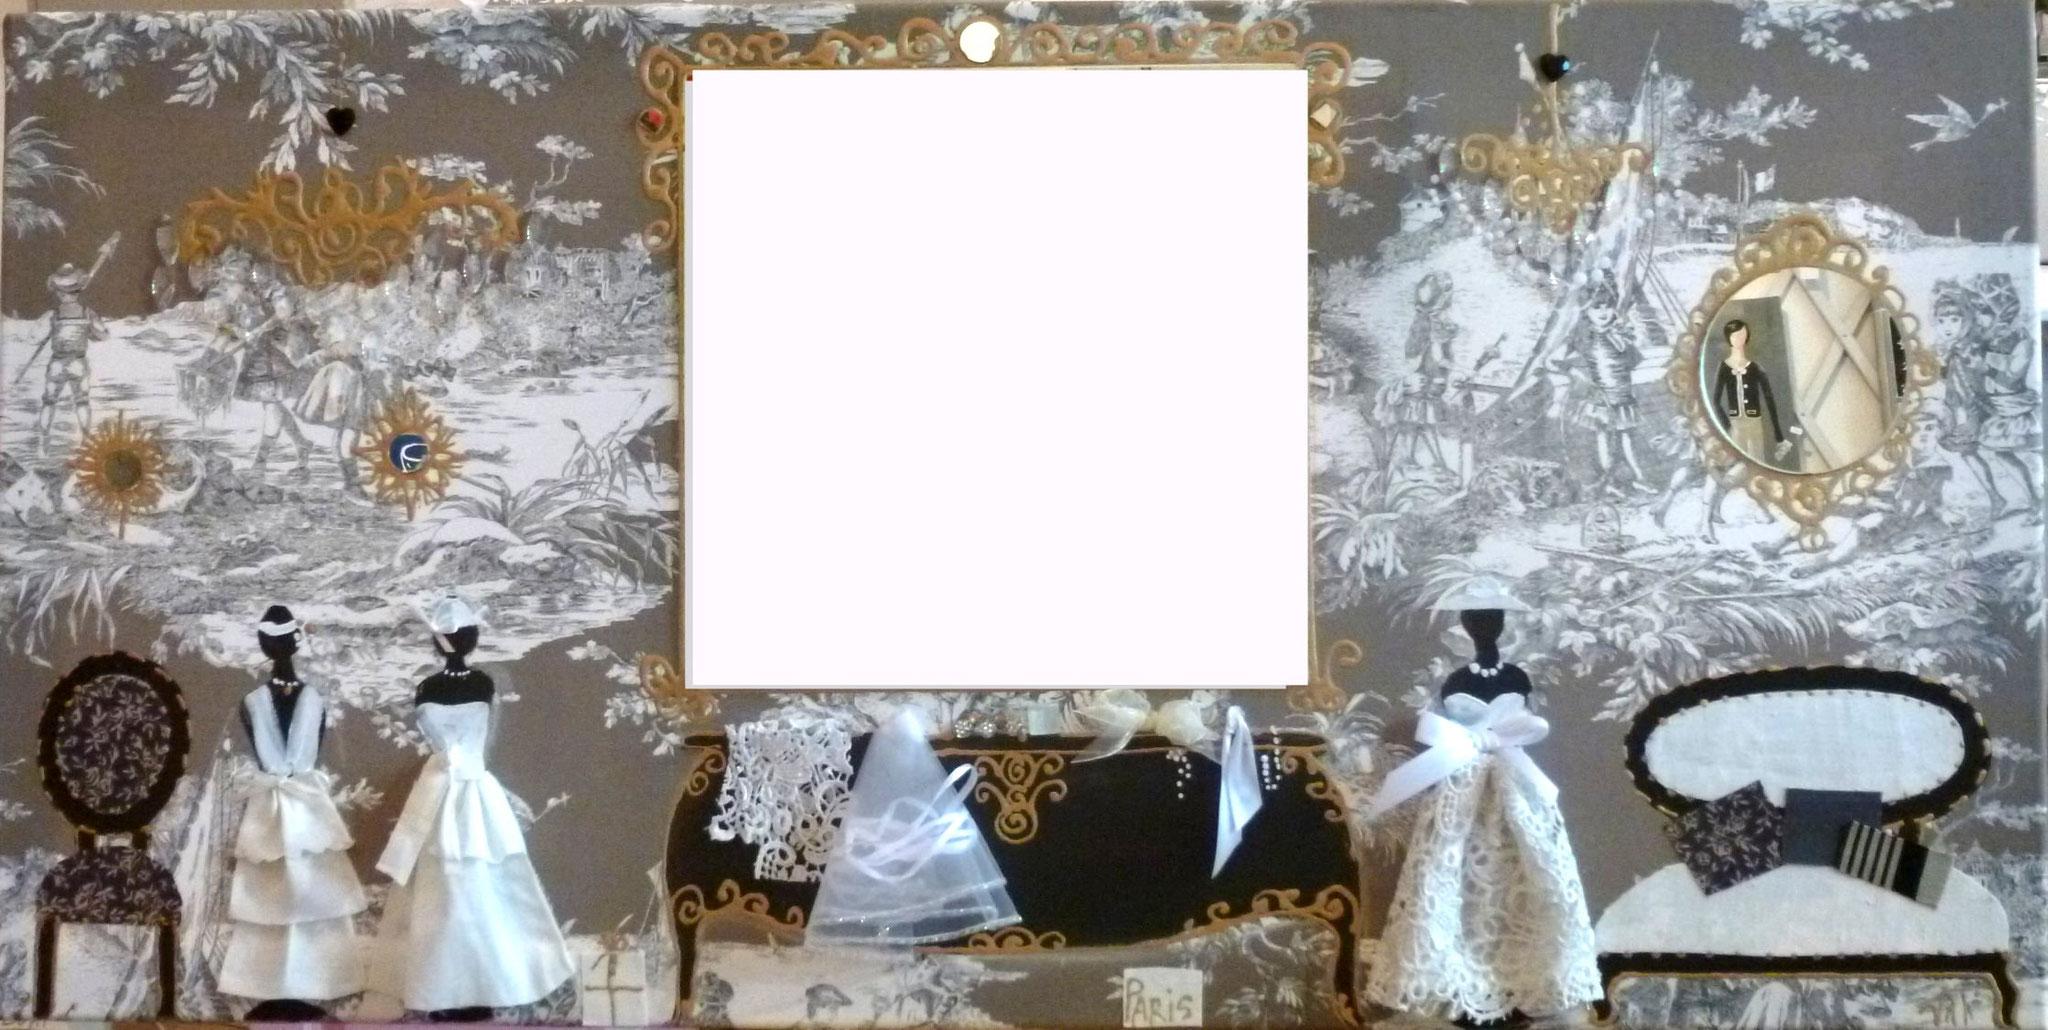 salon de couture avec miroir 70x50